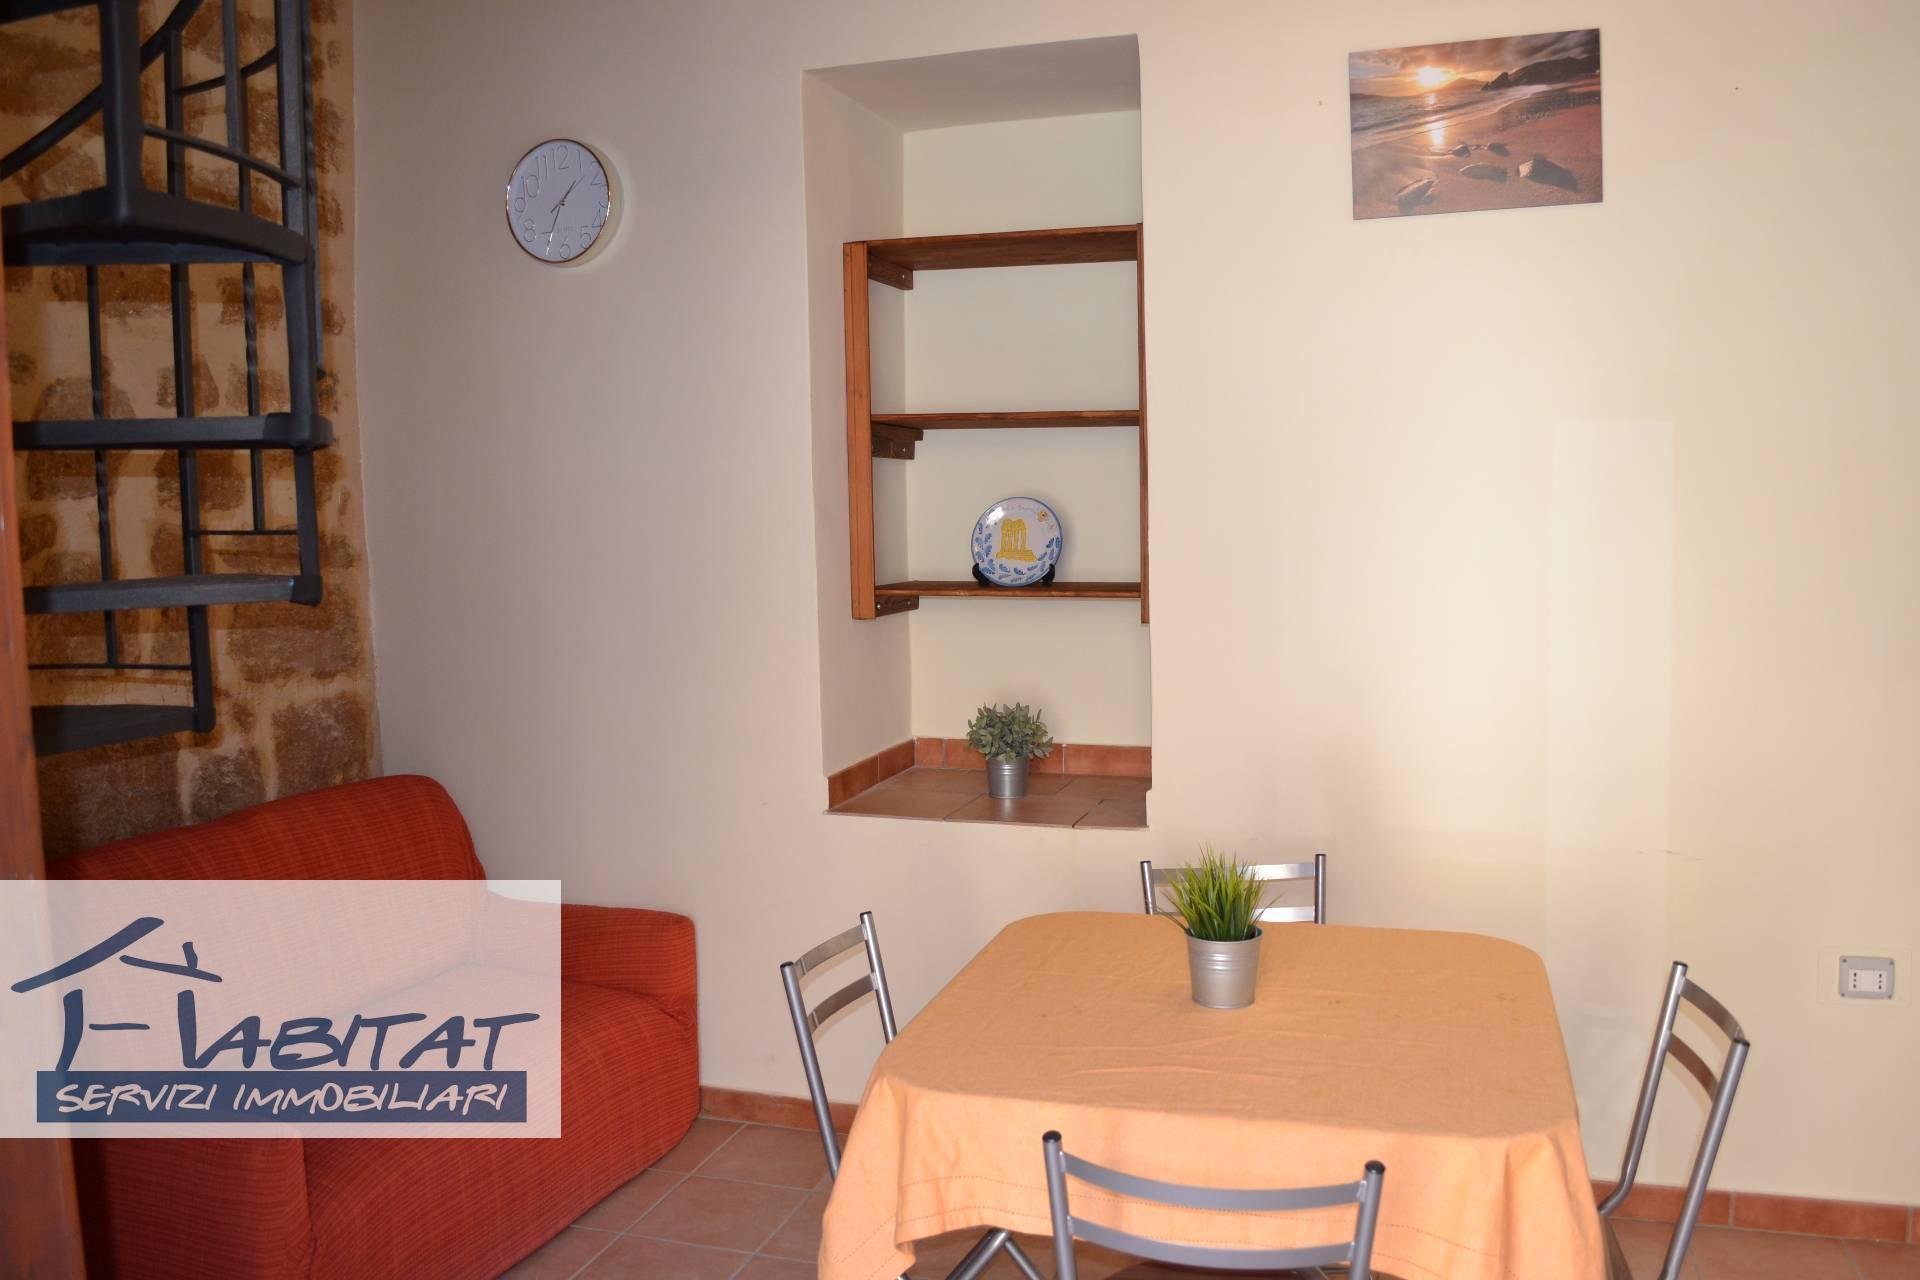 Appartamento in affitto a Agrigento, 2 locali, zona Località: Centrostorico, prezzo € 270 | CambioCasa.it